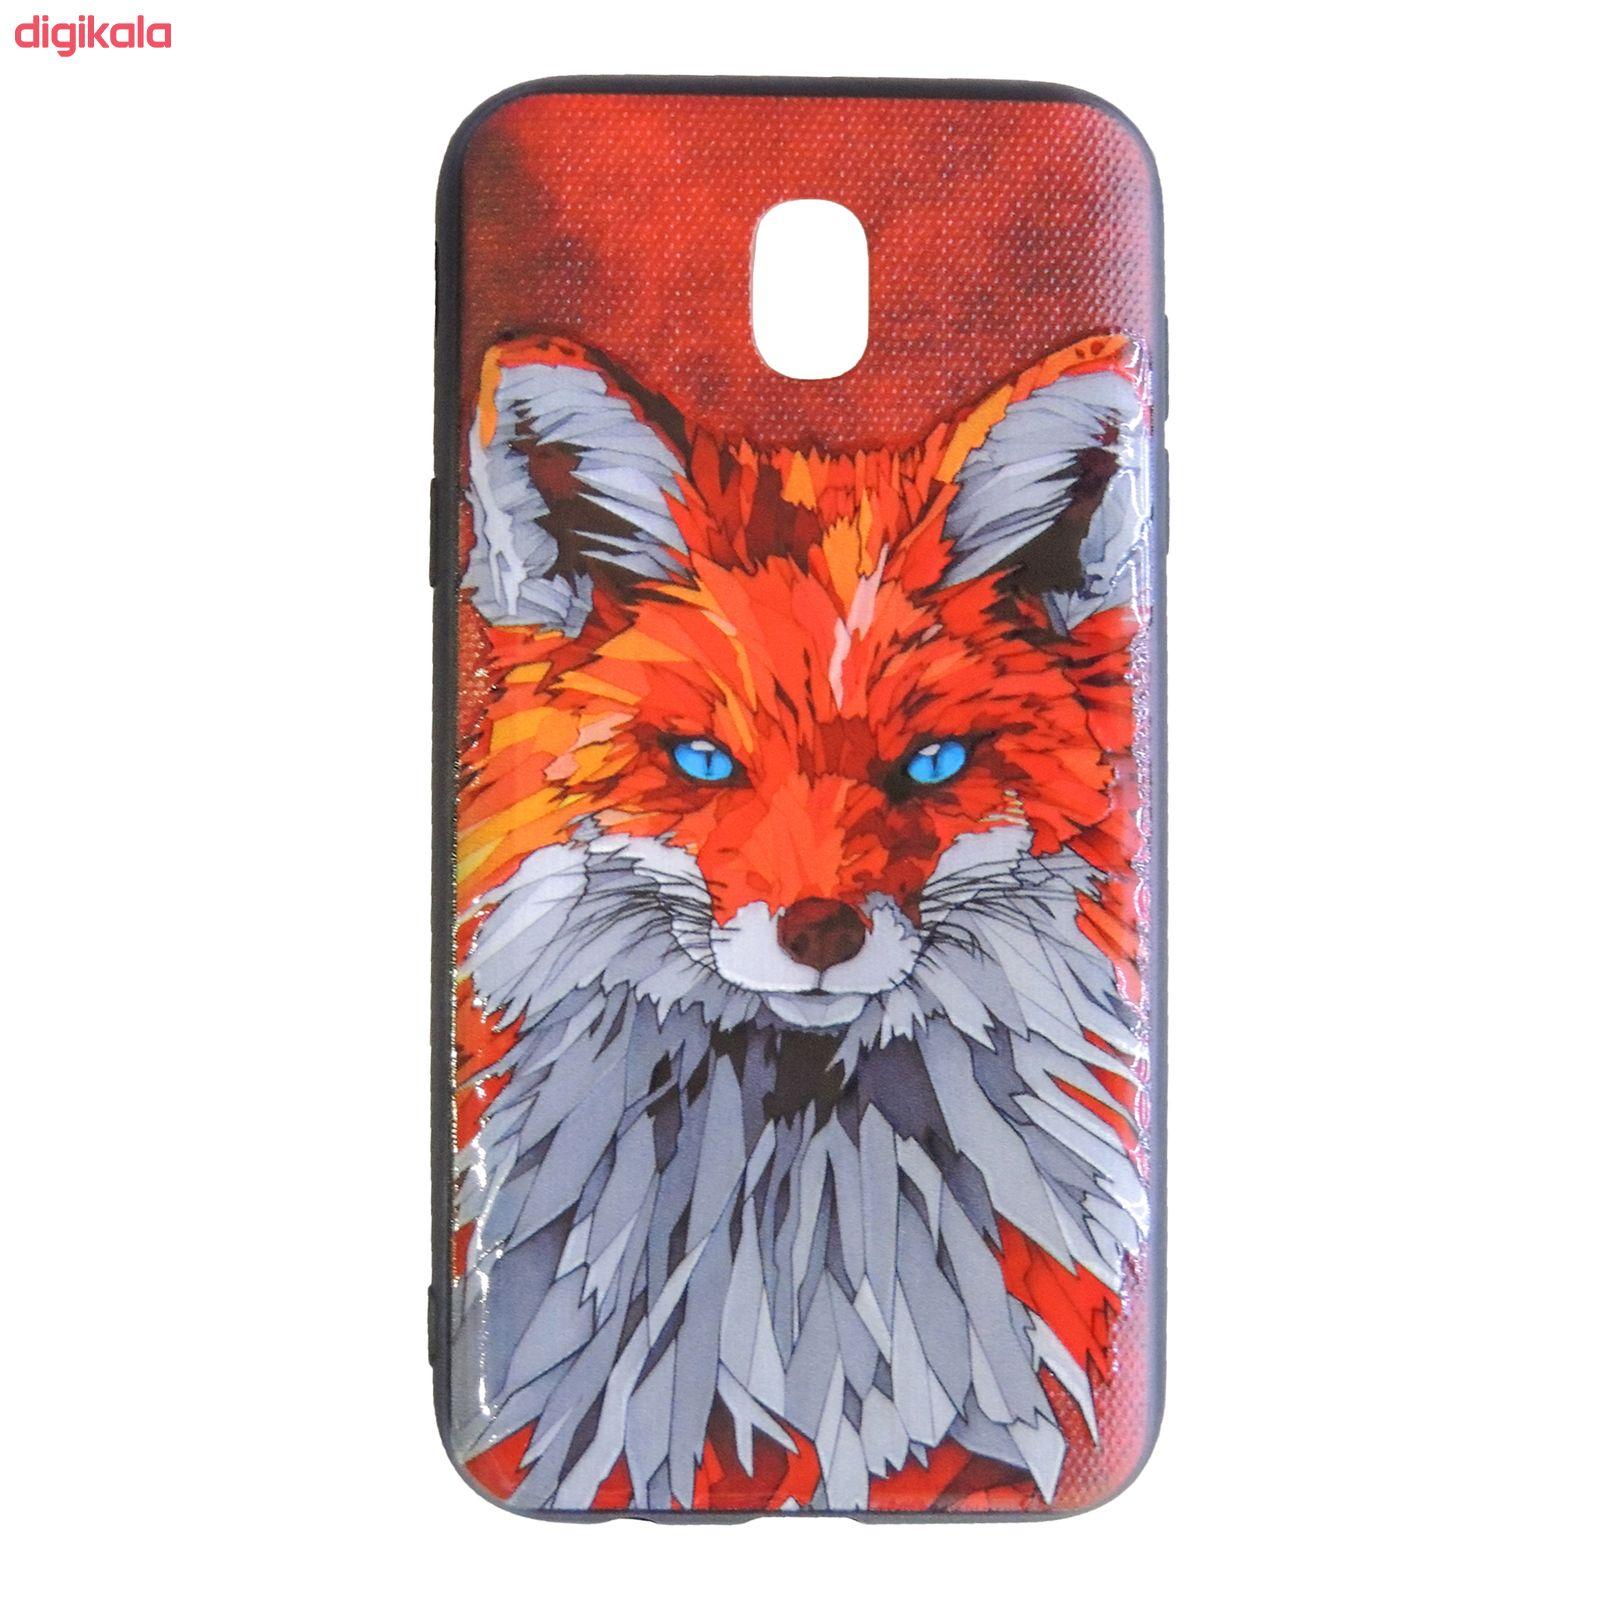 کاور bk مدل fox مناسب برای گوشی موبایل سامسونگ Galaxy j5pro / j530